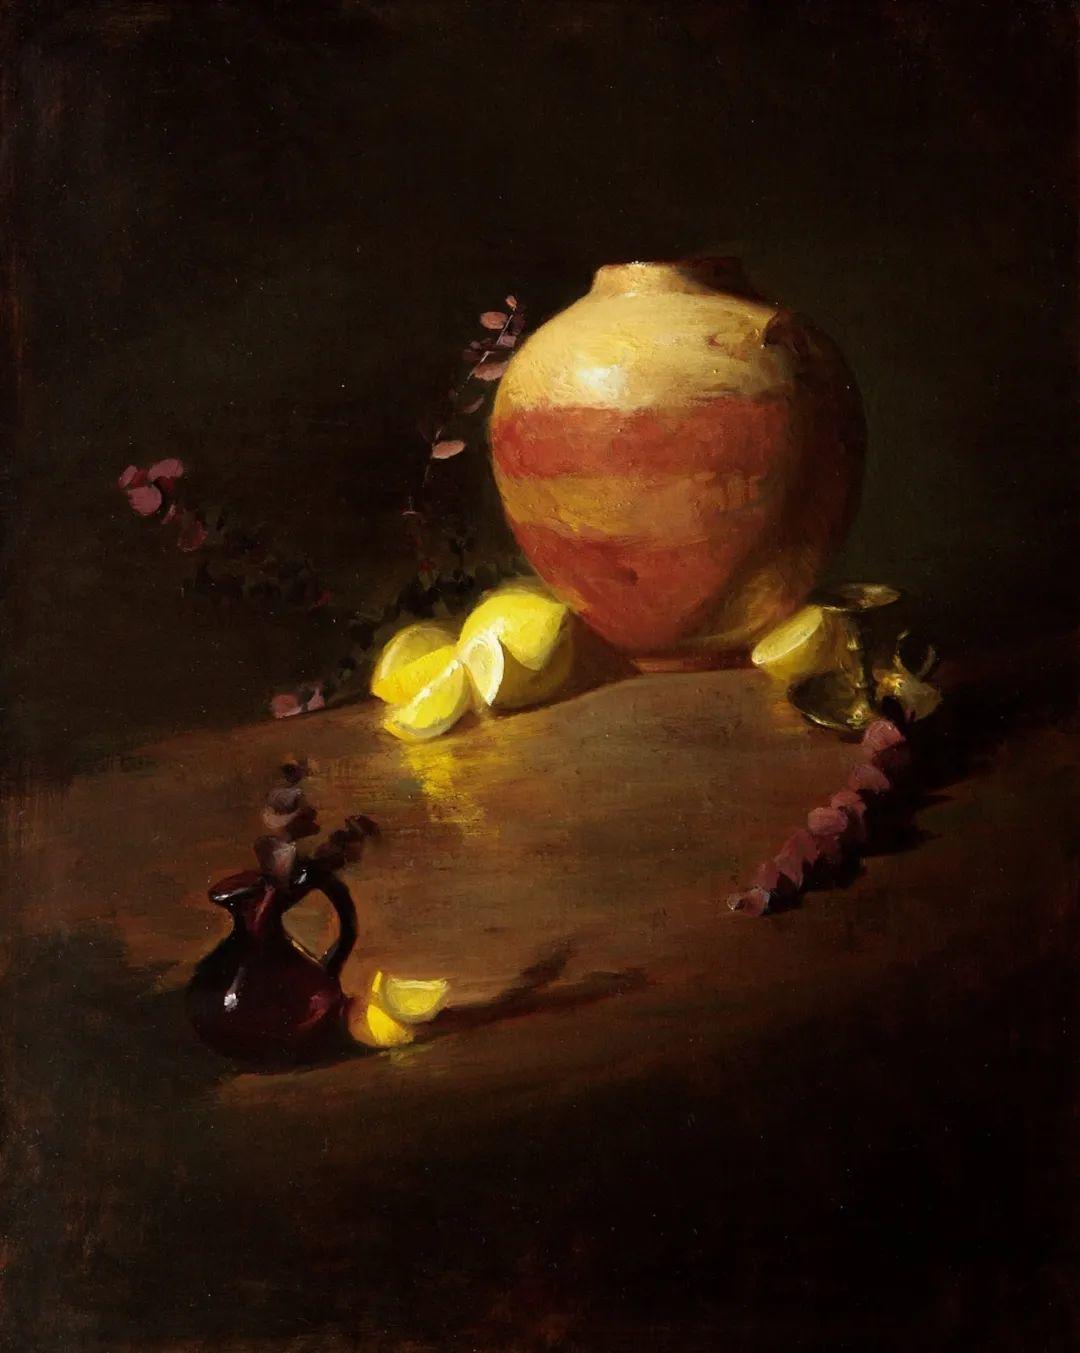 水果与静物,美国女画家莉亚·洛佩兹画选插图11